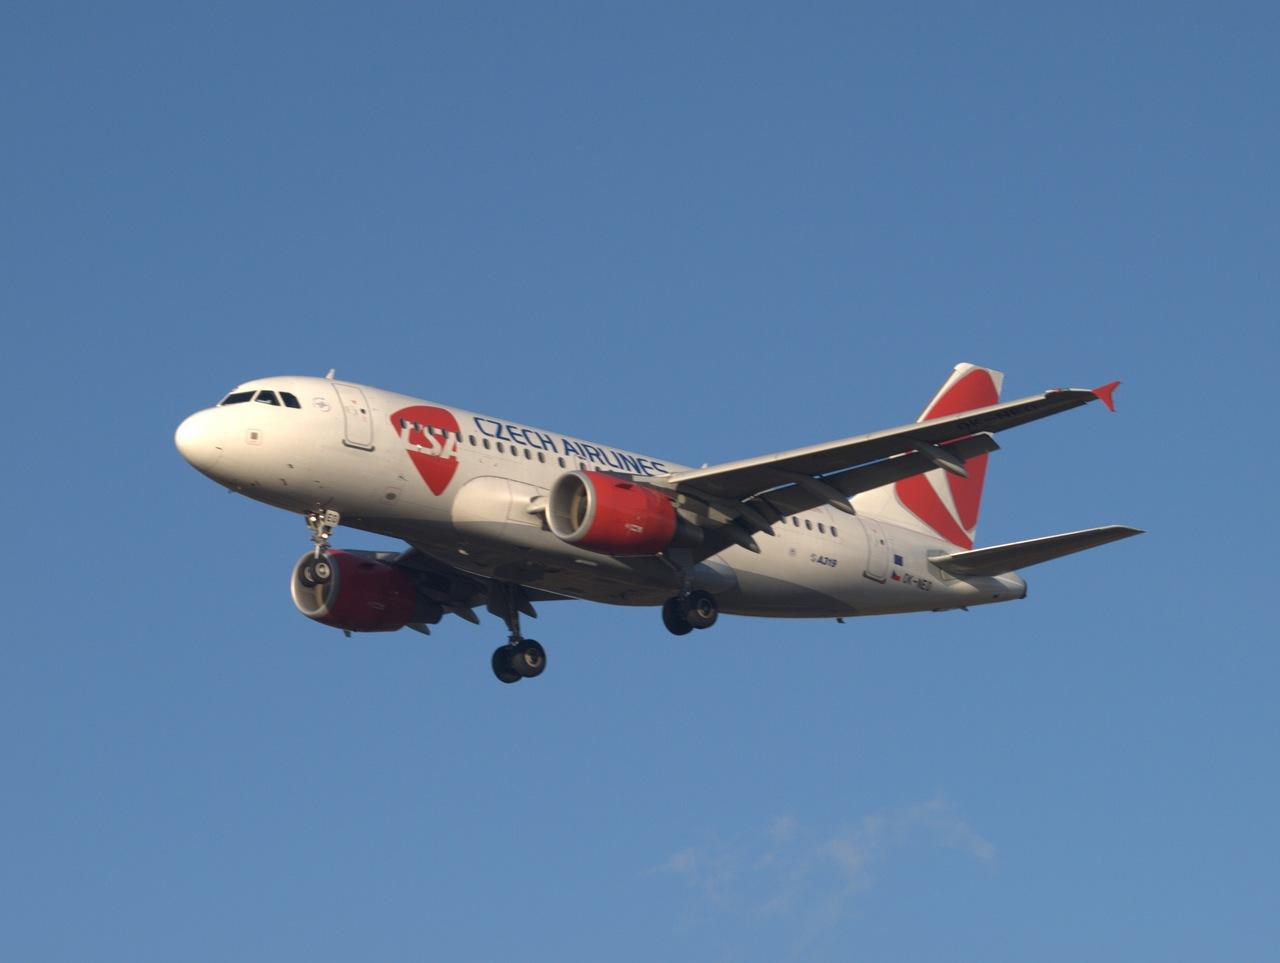 Пилот чешского самолета скончался во время полёта